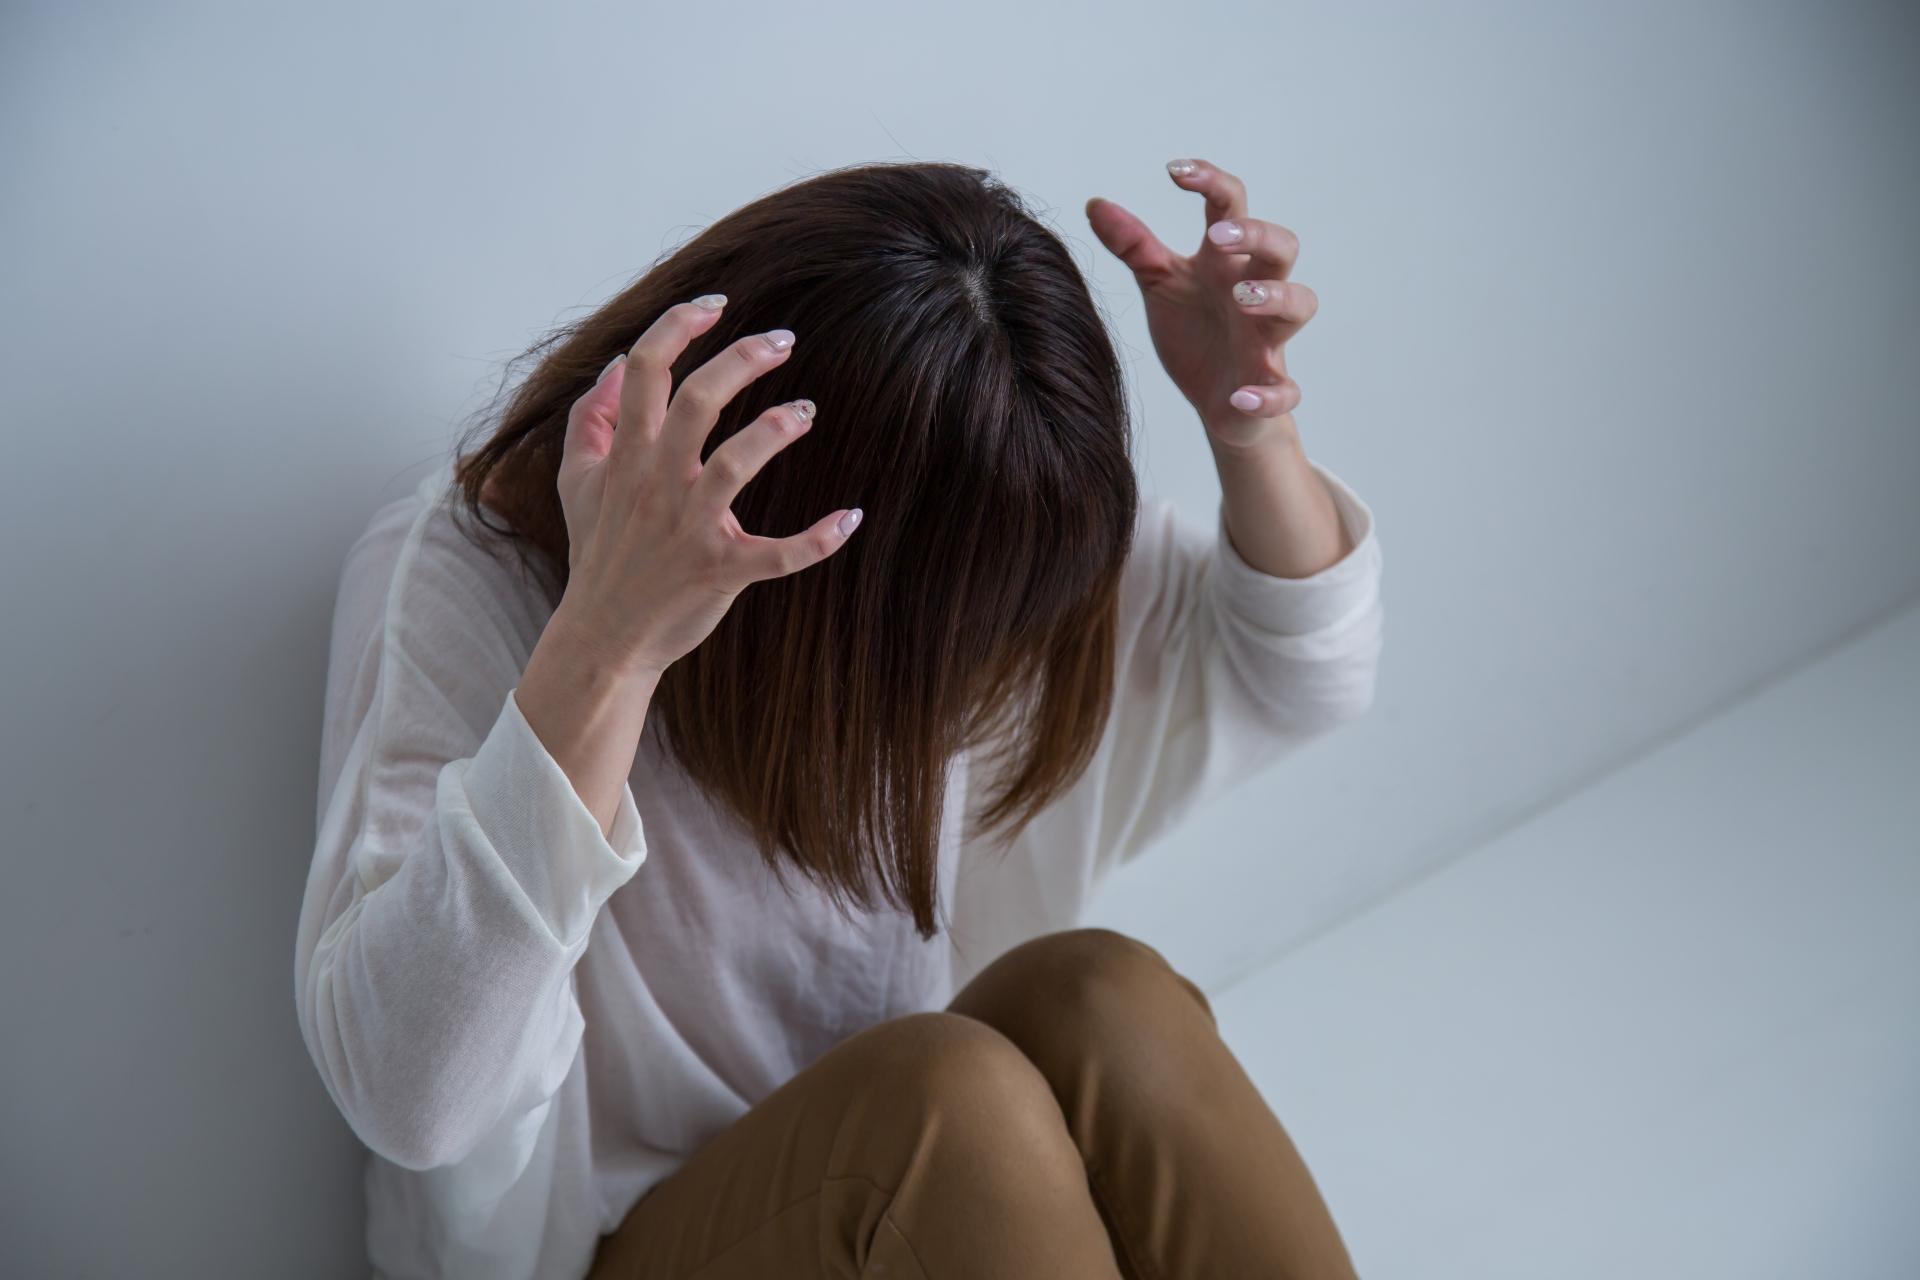 統合失調症について